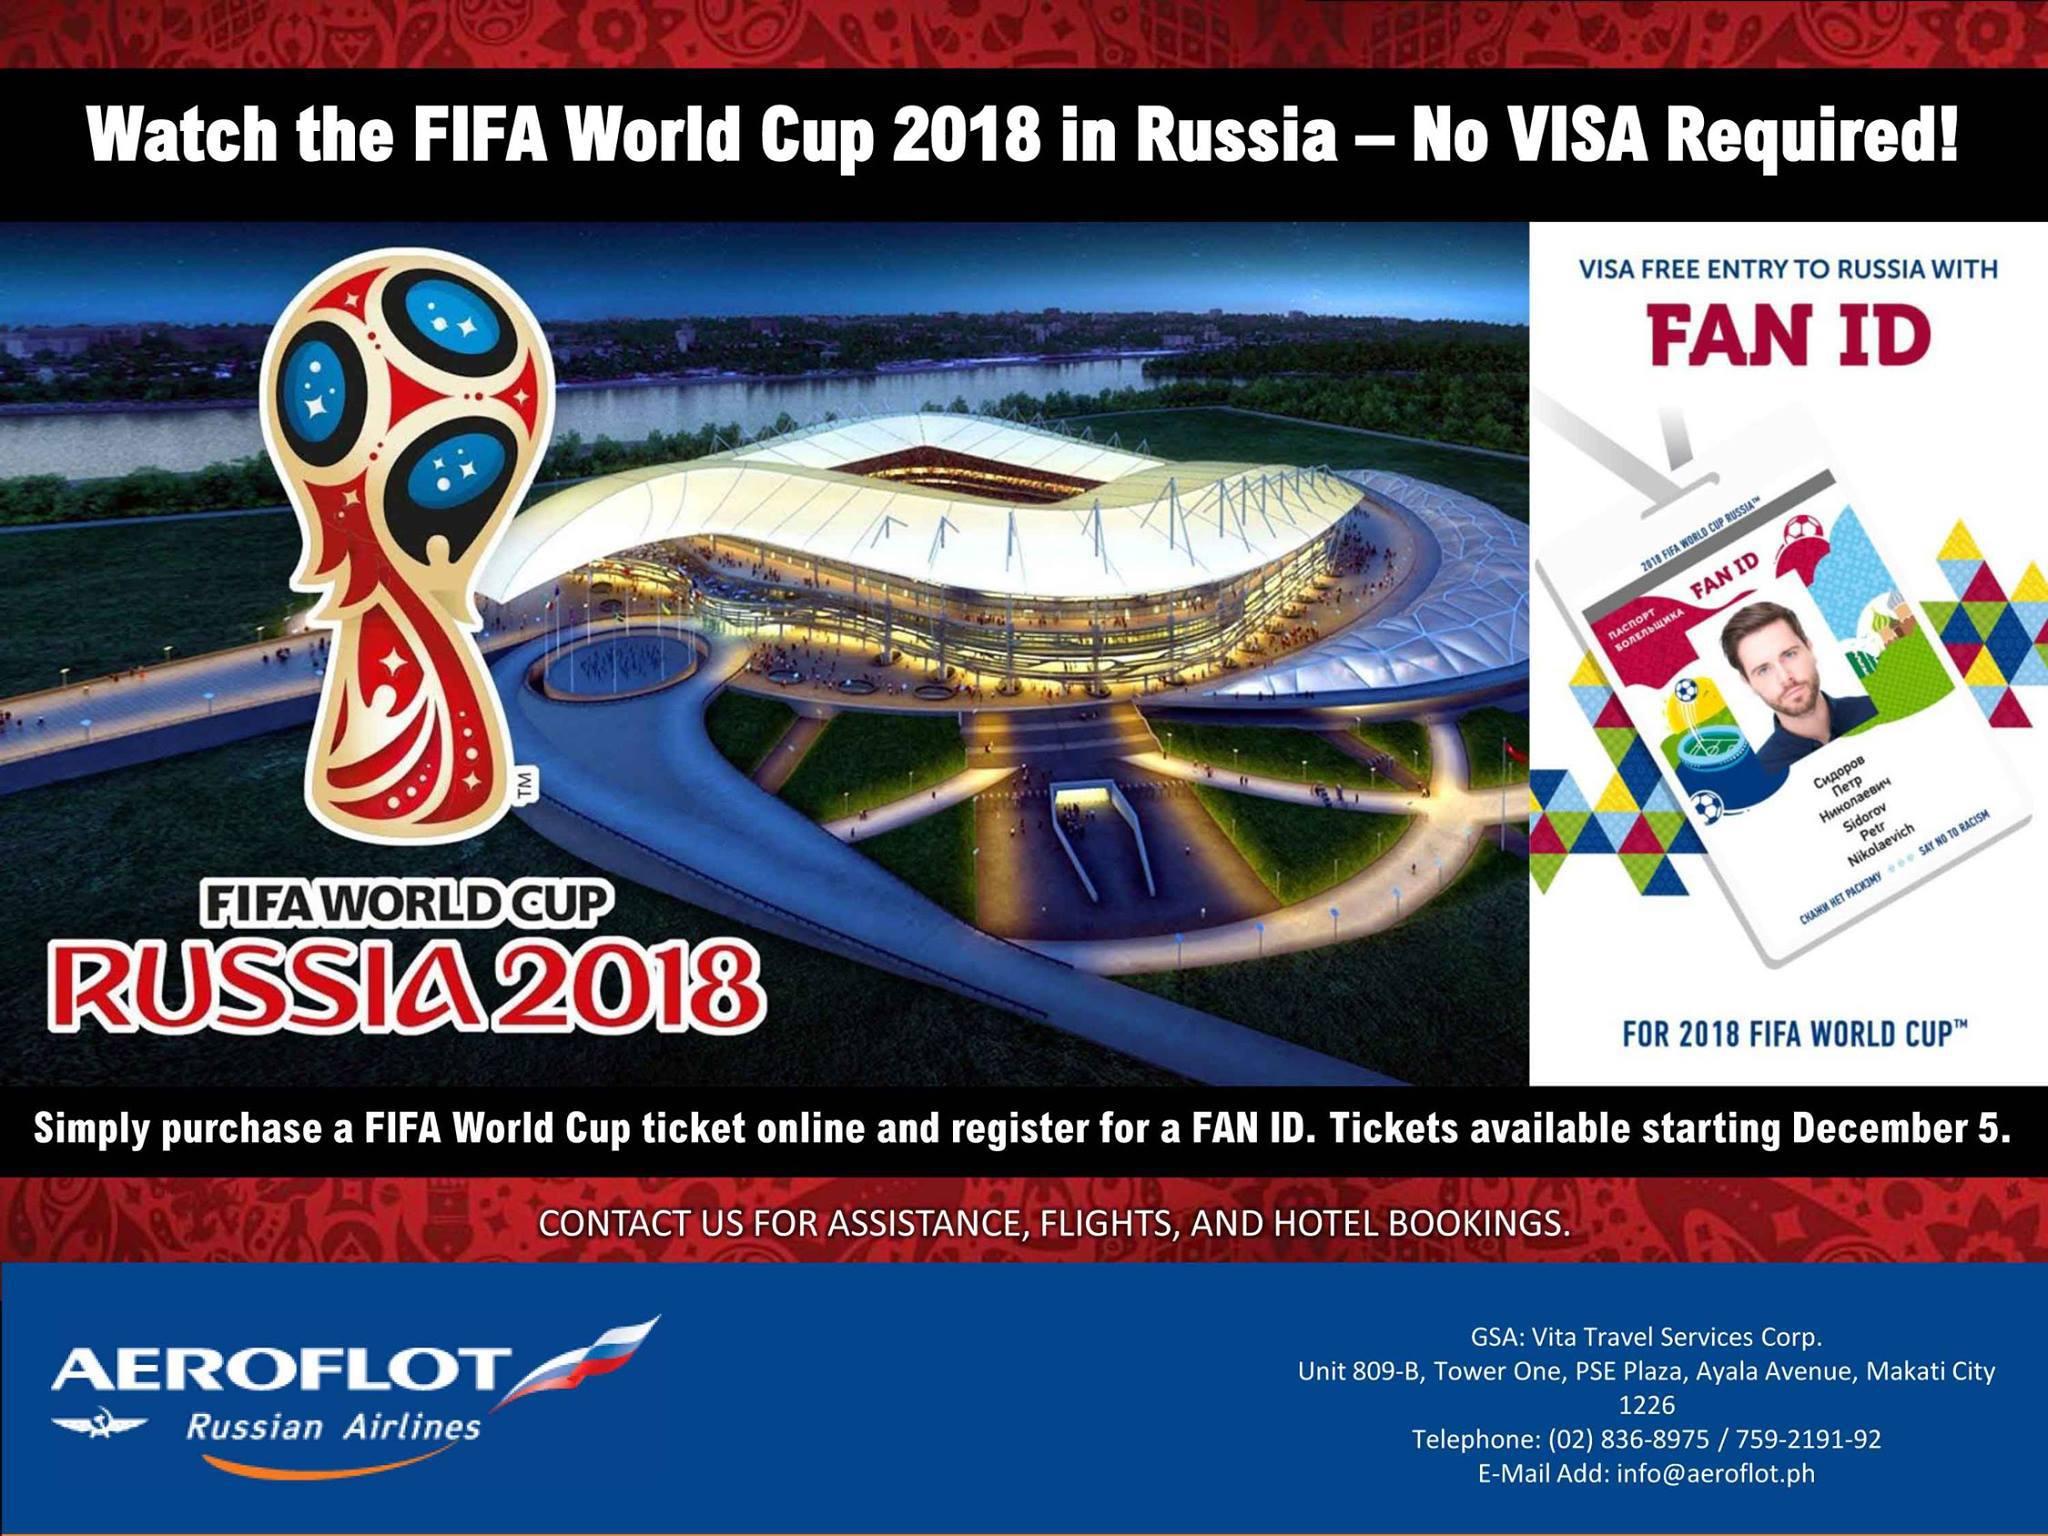 花6毛钱买张机票看球吧!俄罗斯为世界杯玩足前戏:还能有个短暂的女友!